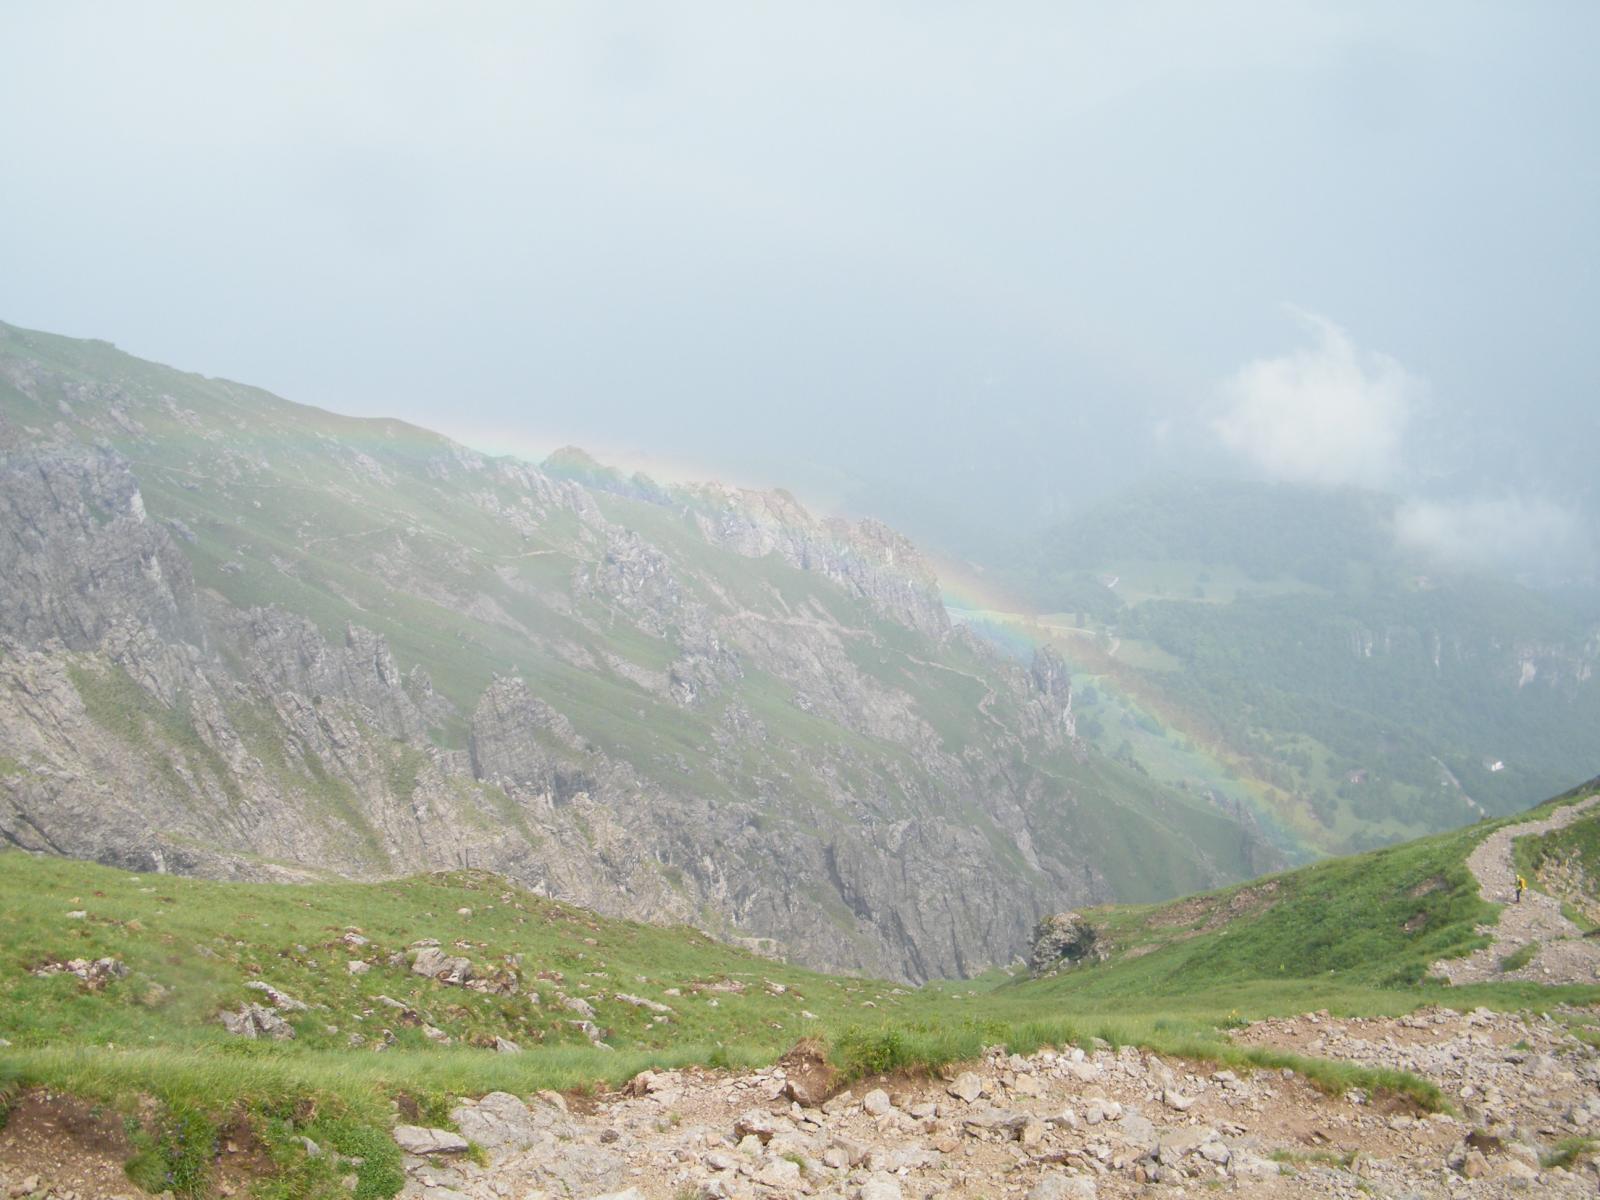 l'arcobaleno al termine del breve rovescio